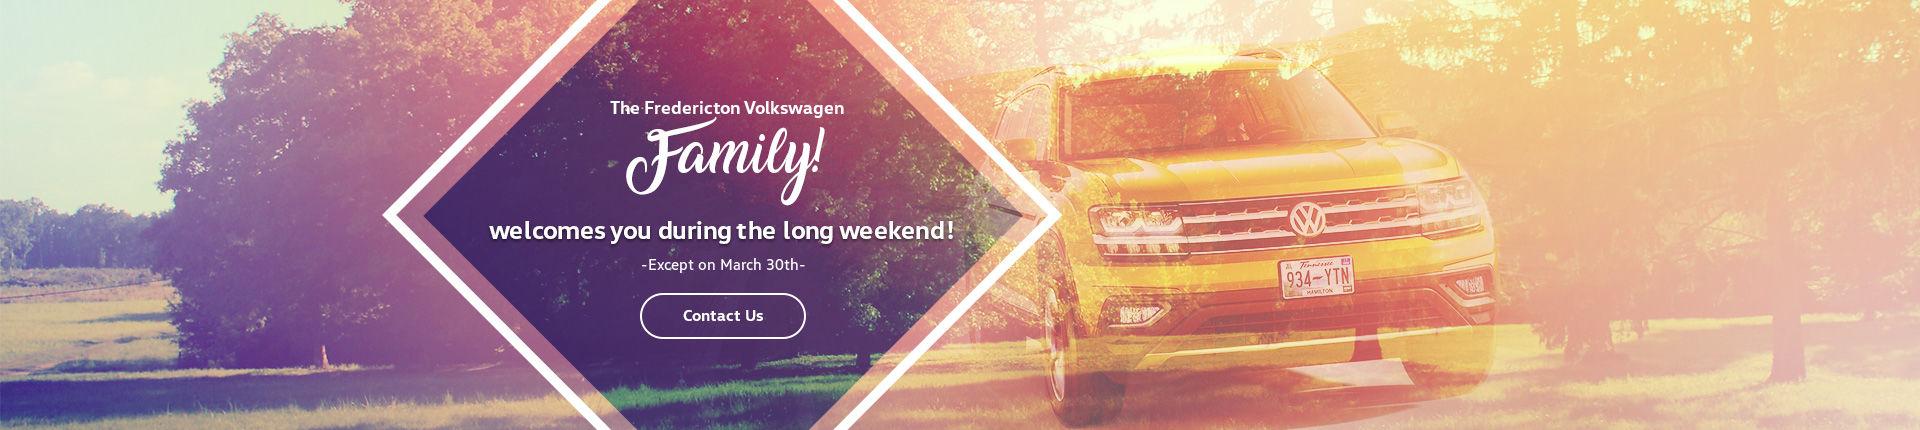 Fredericton Volkswagen et sa GRANDE FAMILLE Vous accueillent durant le long week-end